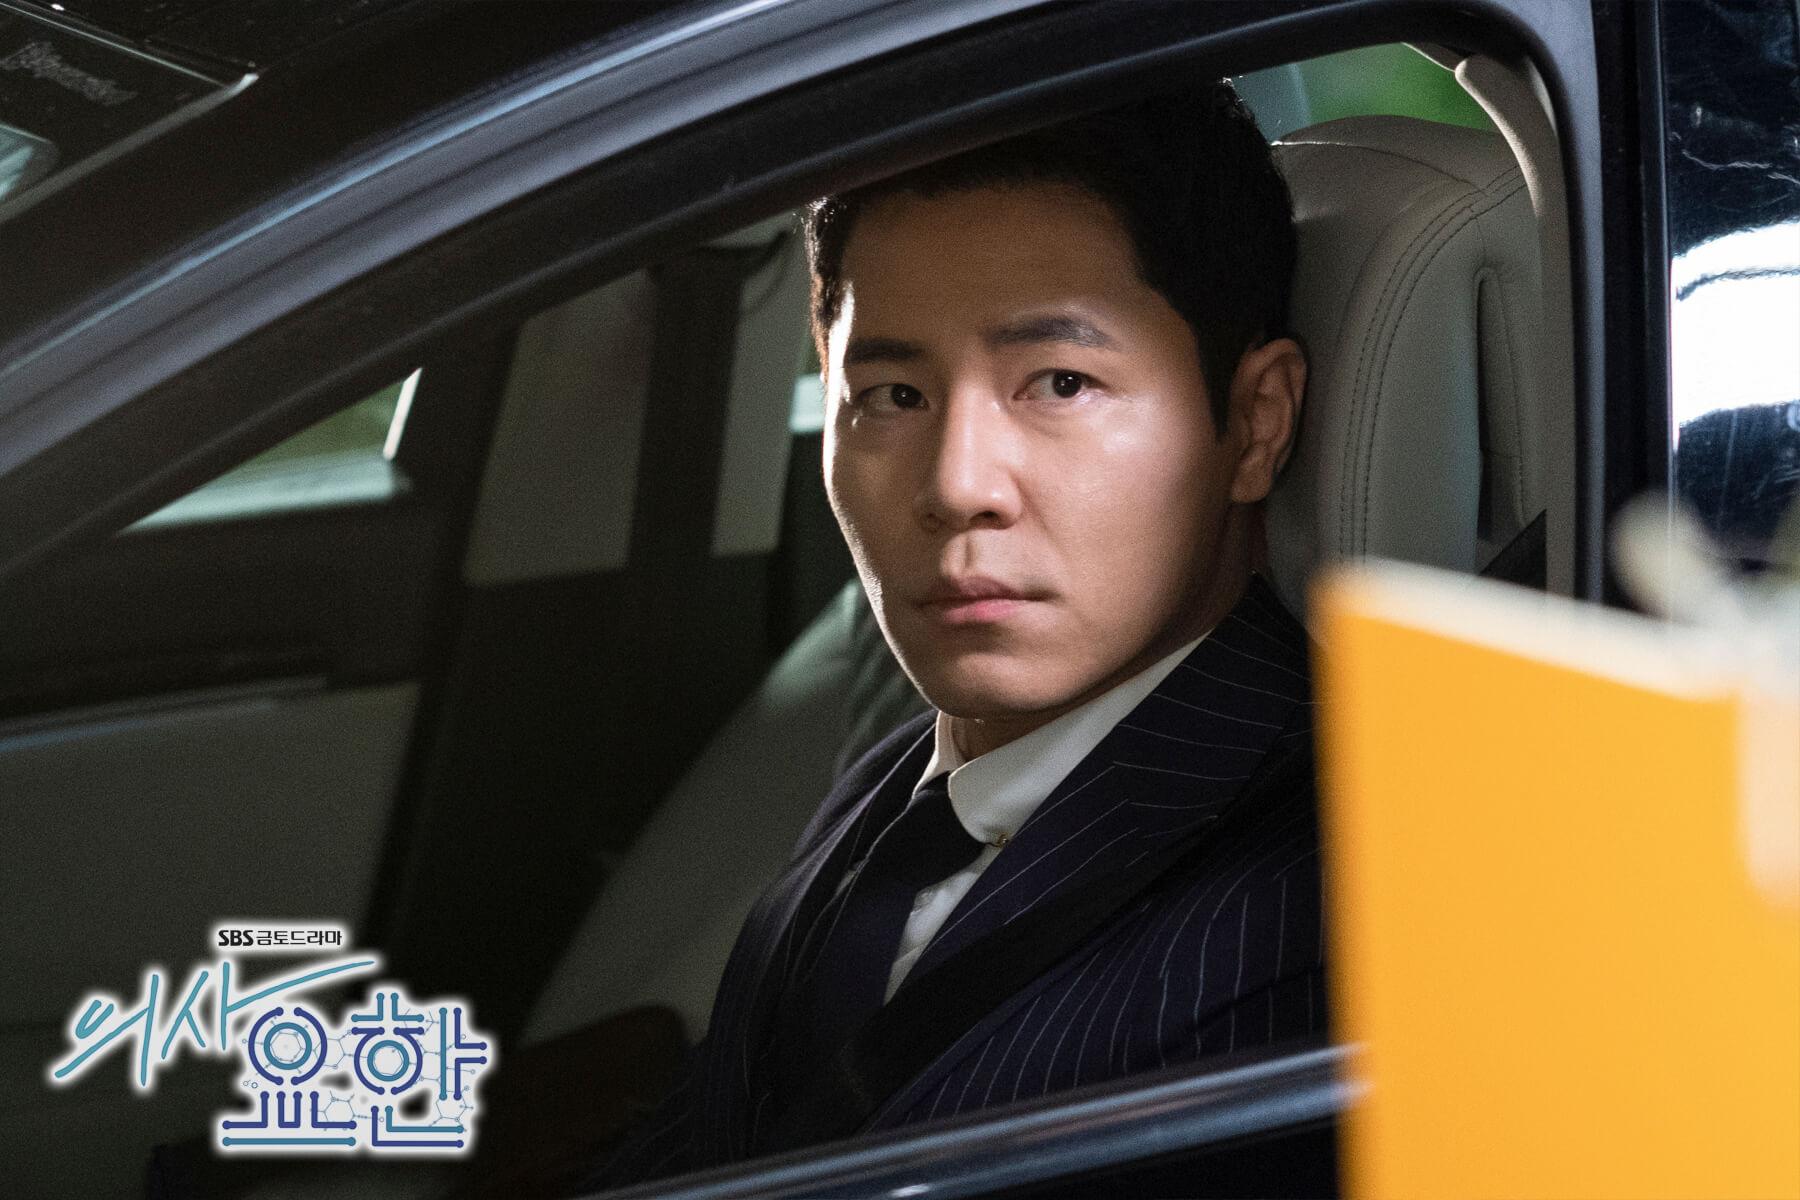 舞台劇演員出身的李奎炯乃好戲之人,劇中他飾演鐵面檢察官,視池晟為「殺人魔醫生」,誓要把他拉下馬。